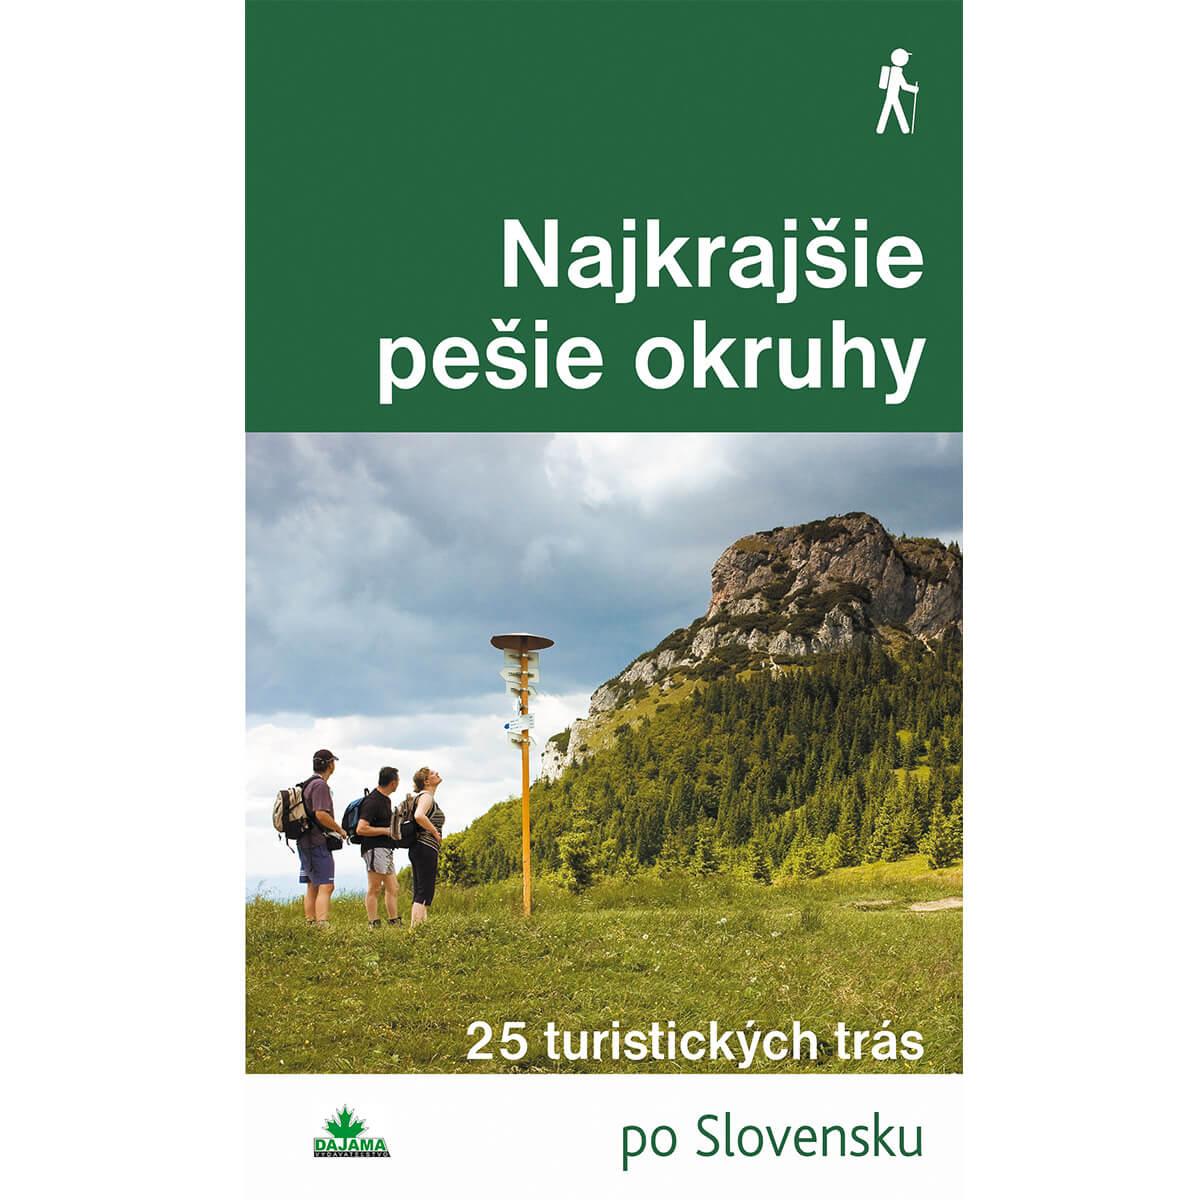 Kniha Najkrajšie pešie okruhy - 25 turistických trás po Slovensku z vydavateľstva Dajama